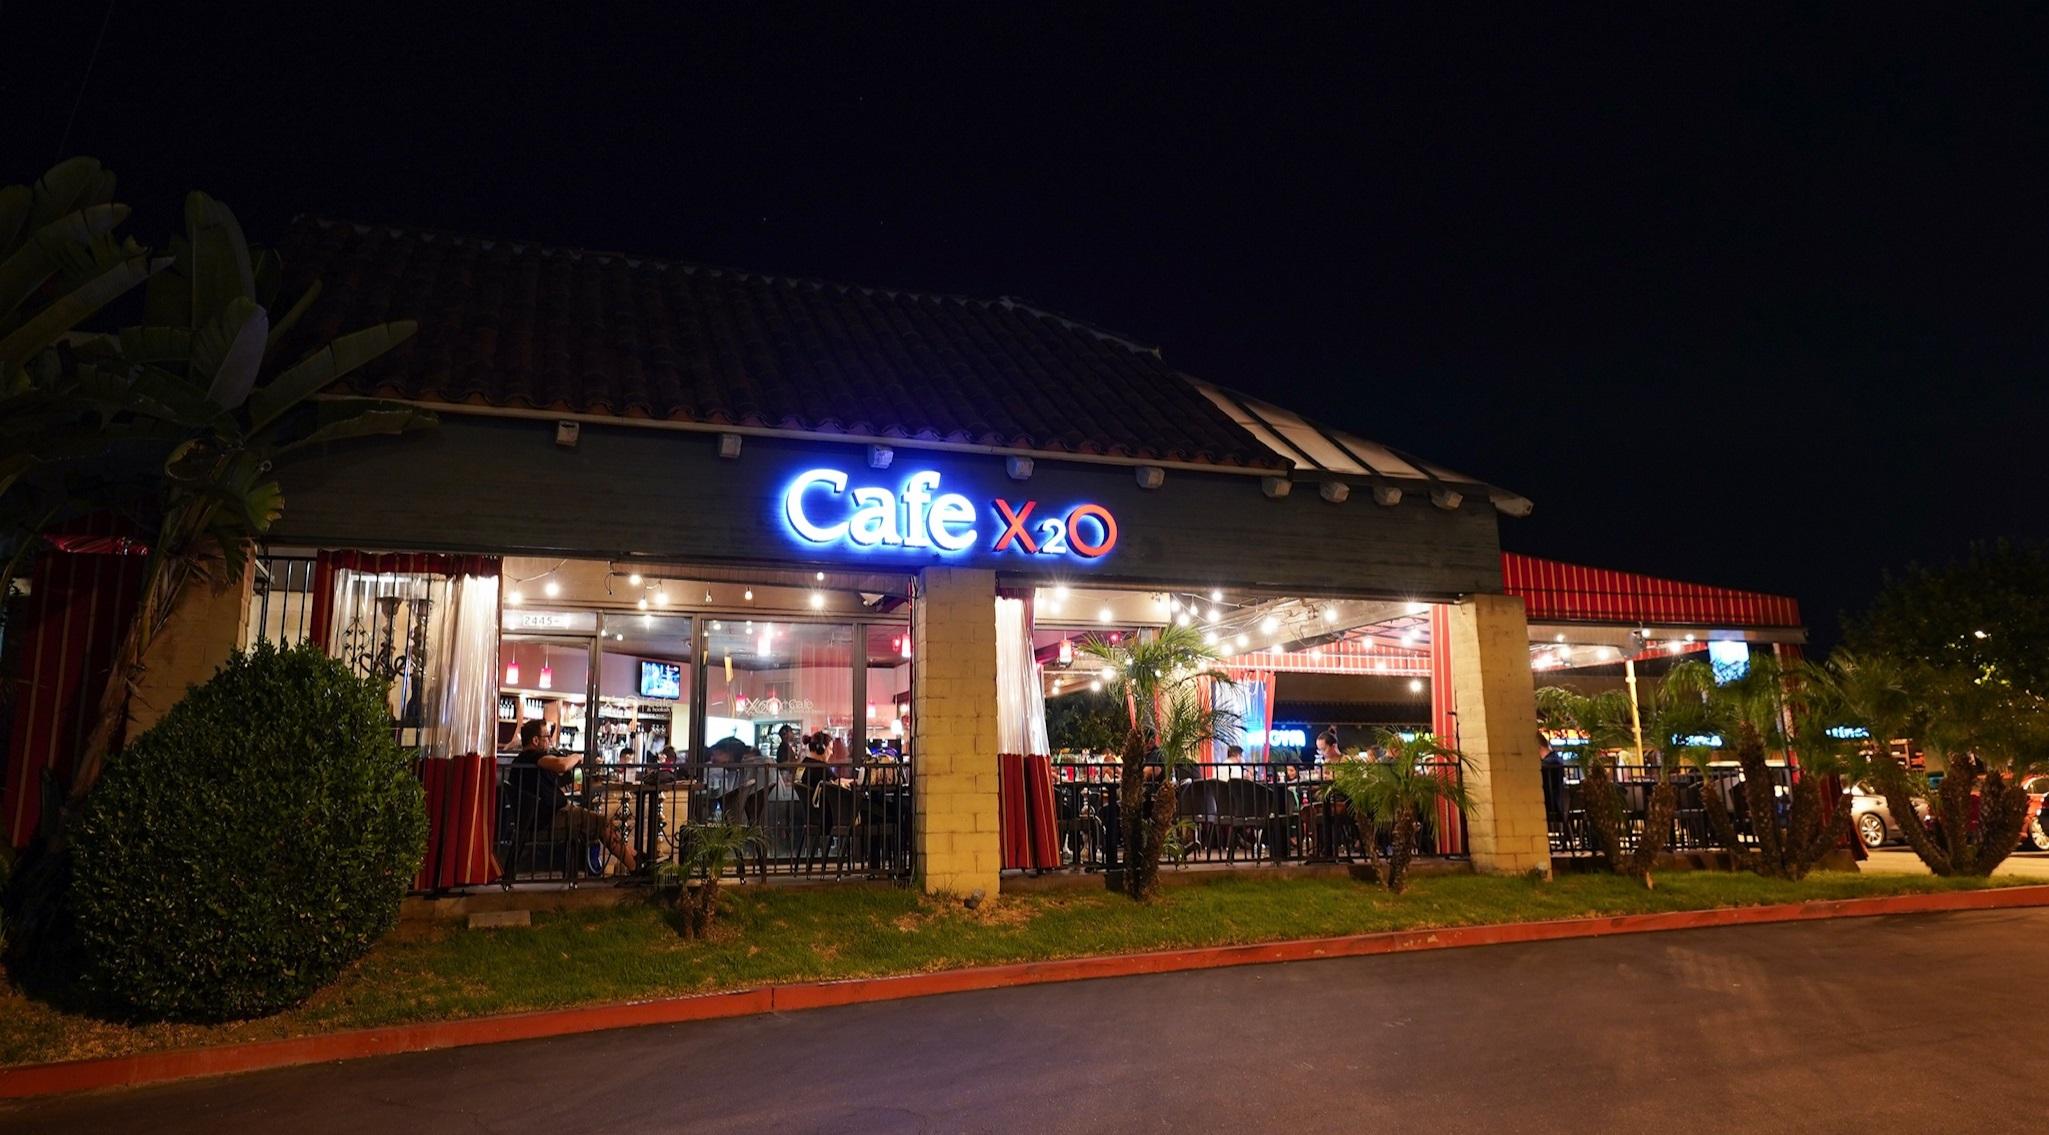 La Verne - CAFE X2O2445 Foothill Blvd.La Verne, Calfornia(909) 593-7873